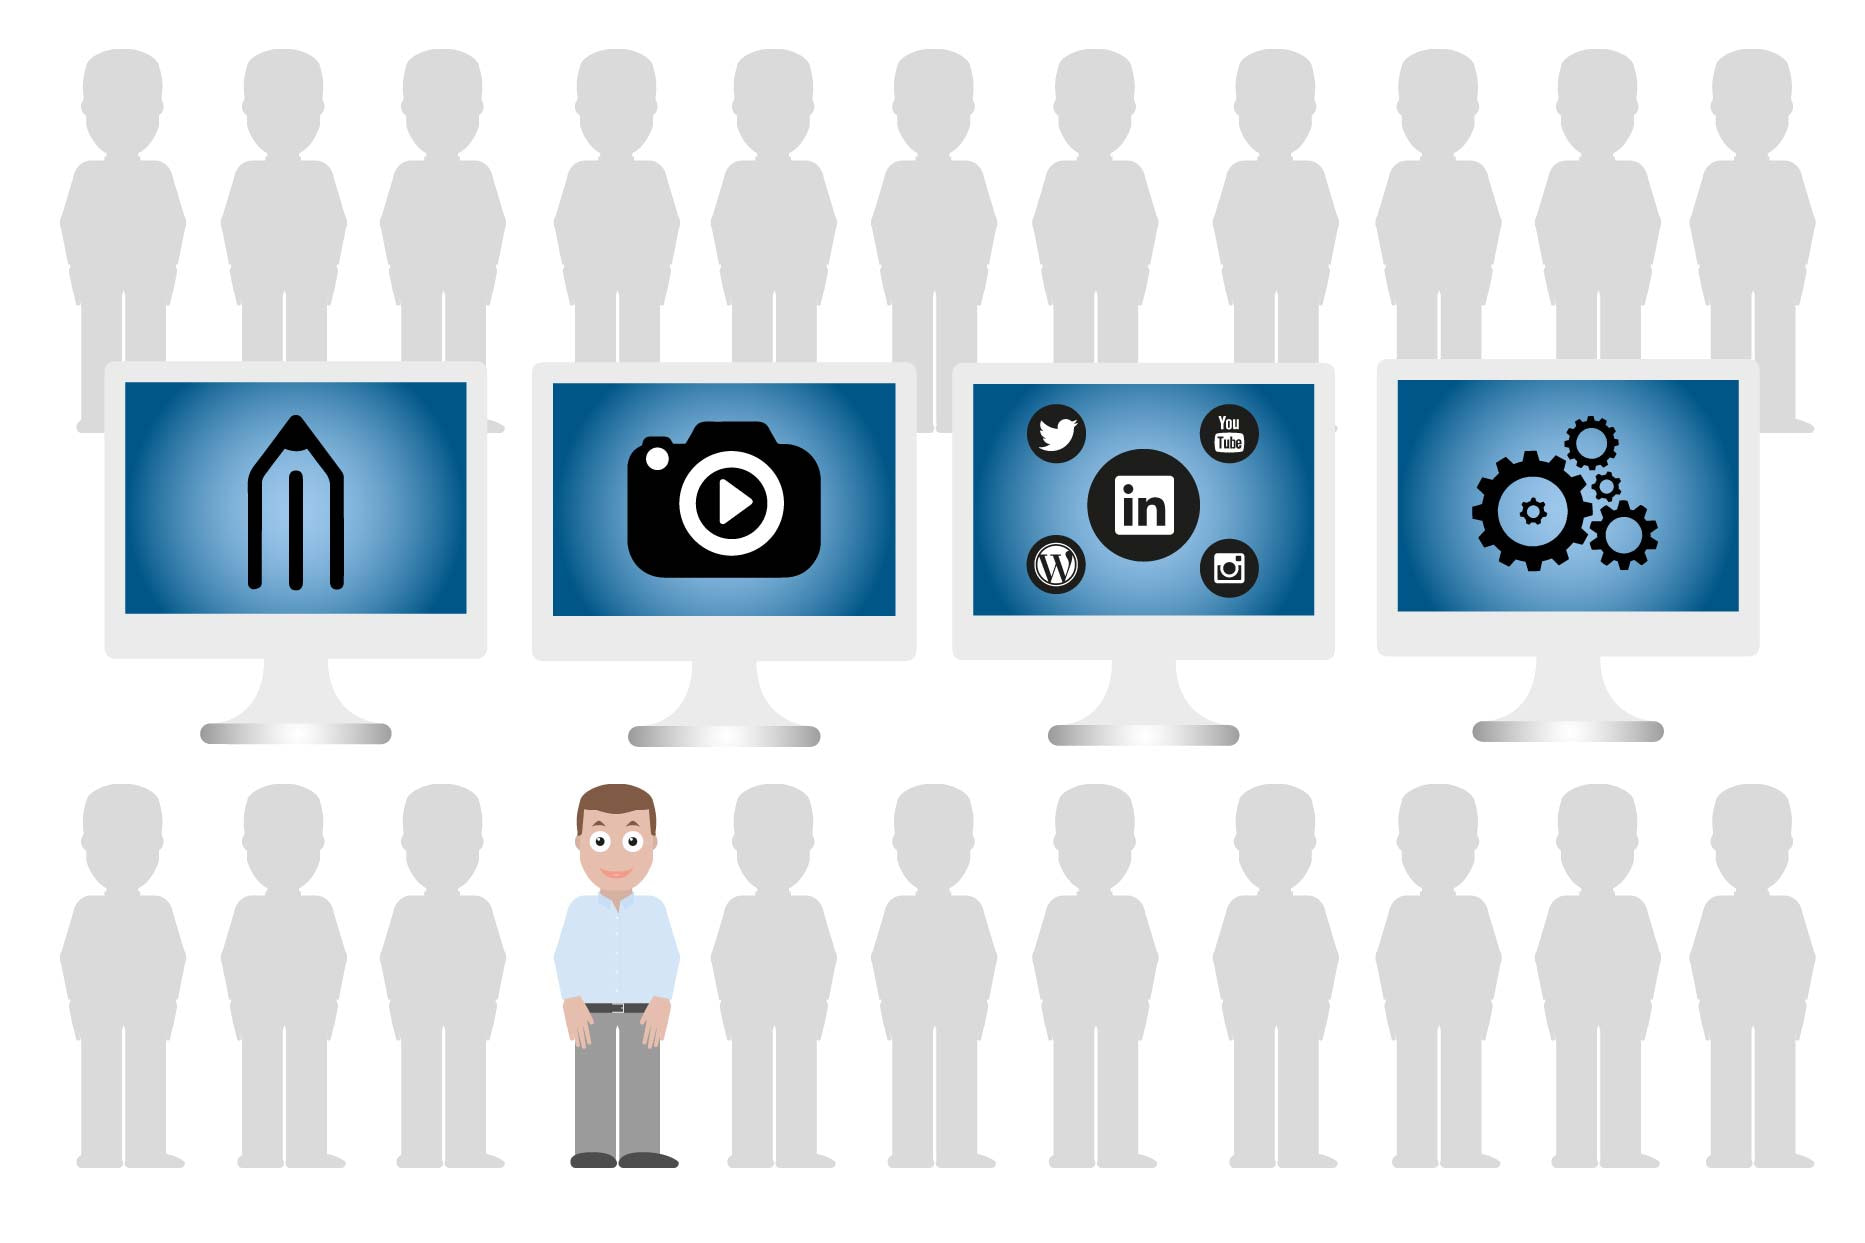 Grafiske produkter | Bliv set i mængden. Få flere kunder og vækst via synlighed.